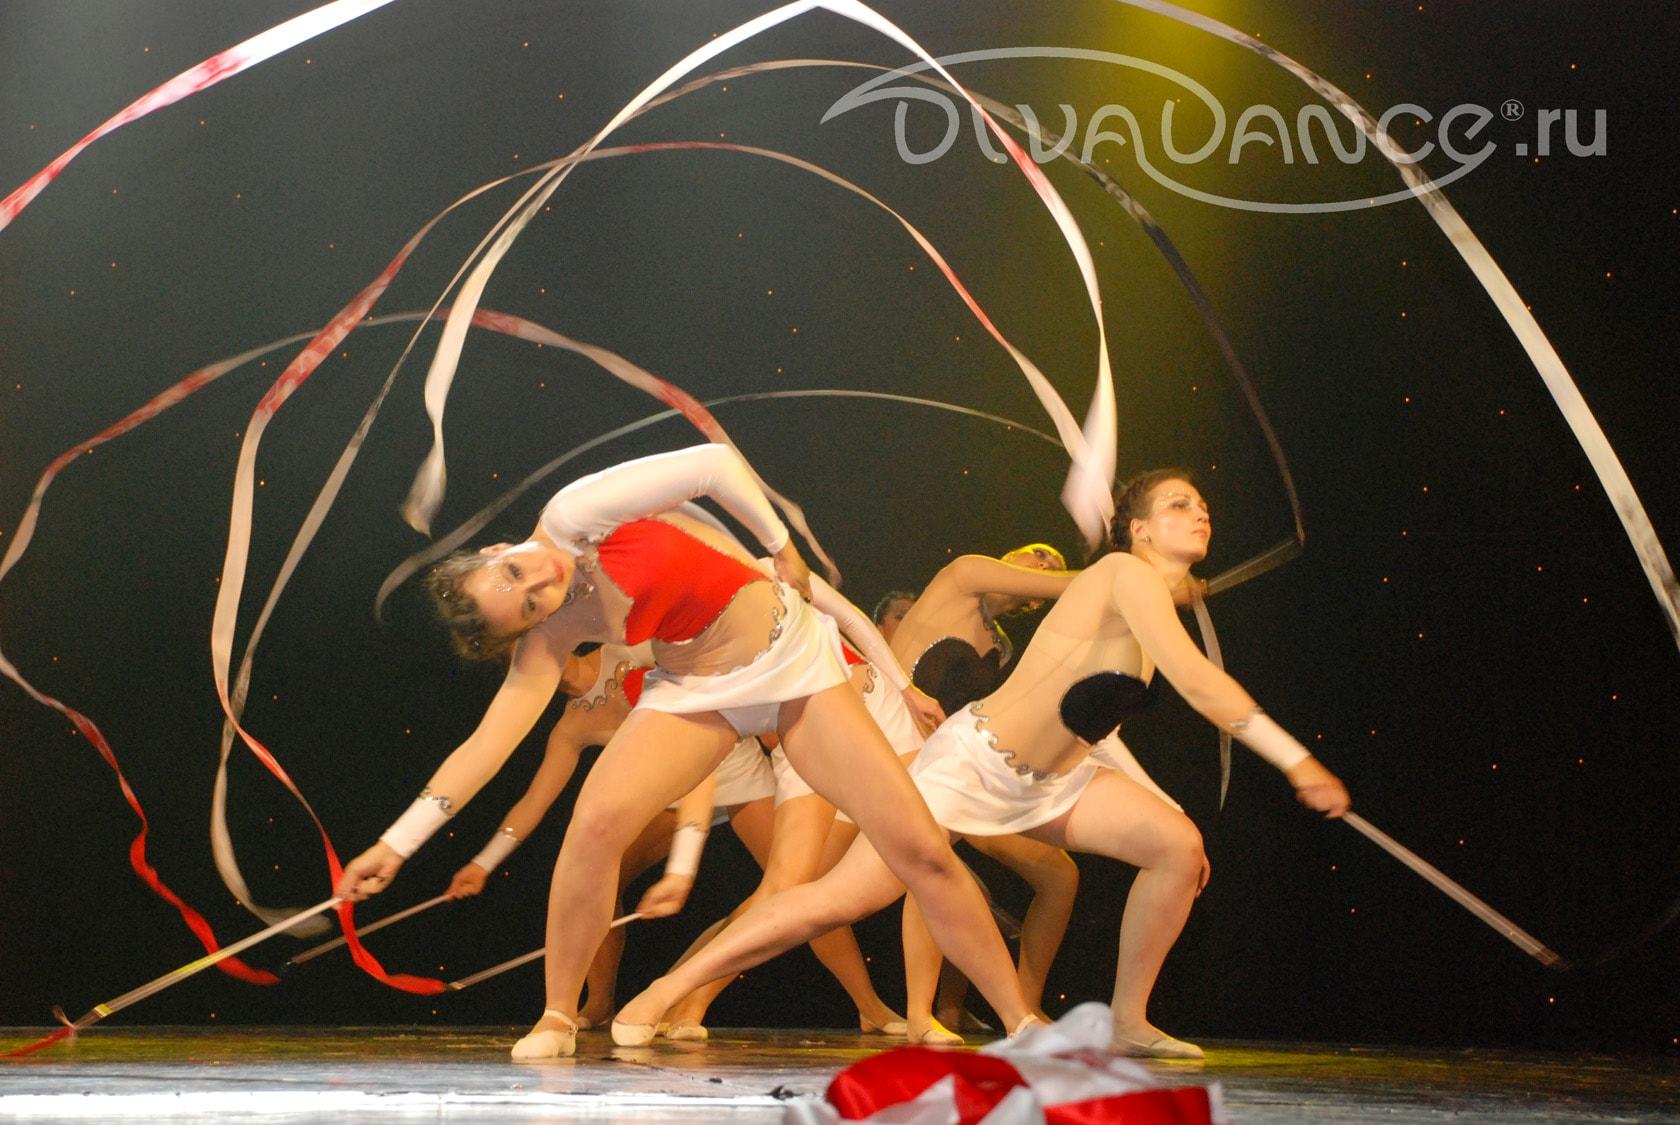 эротическая хореография видео